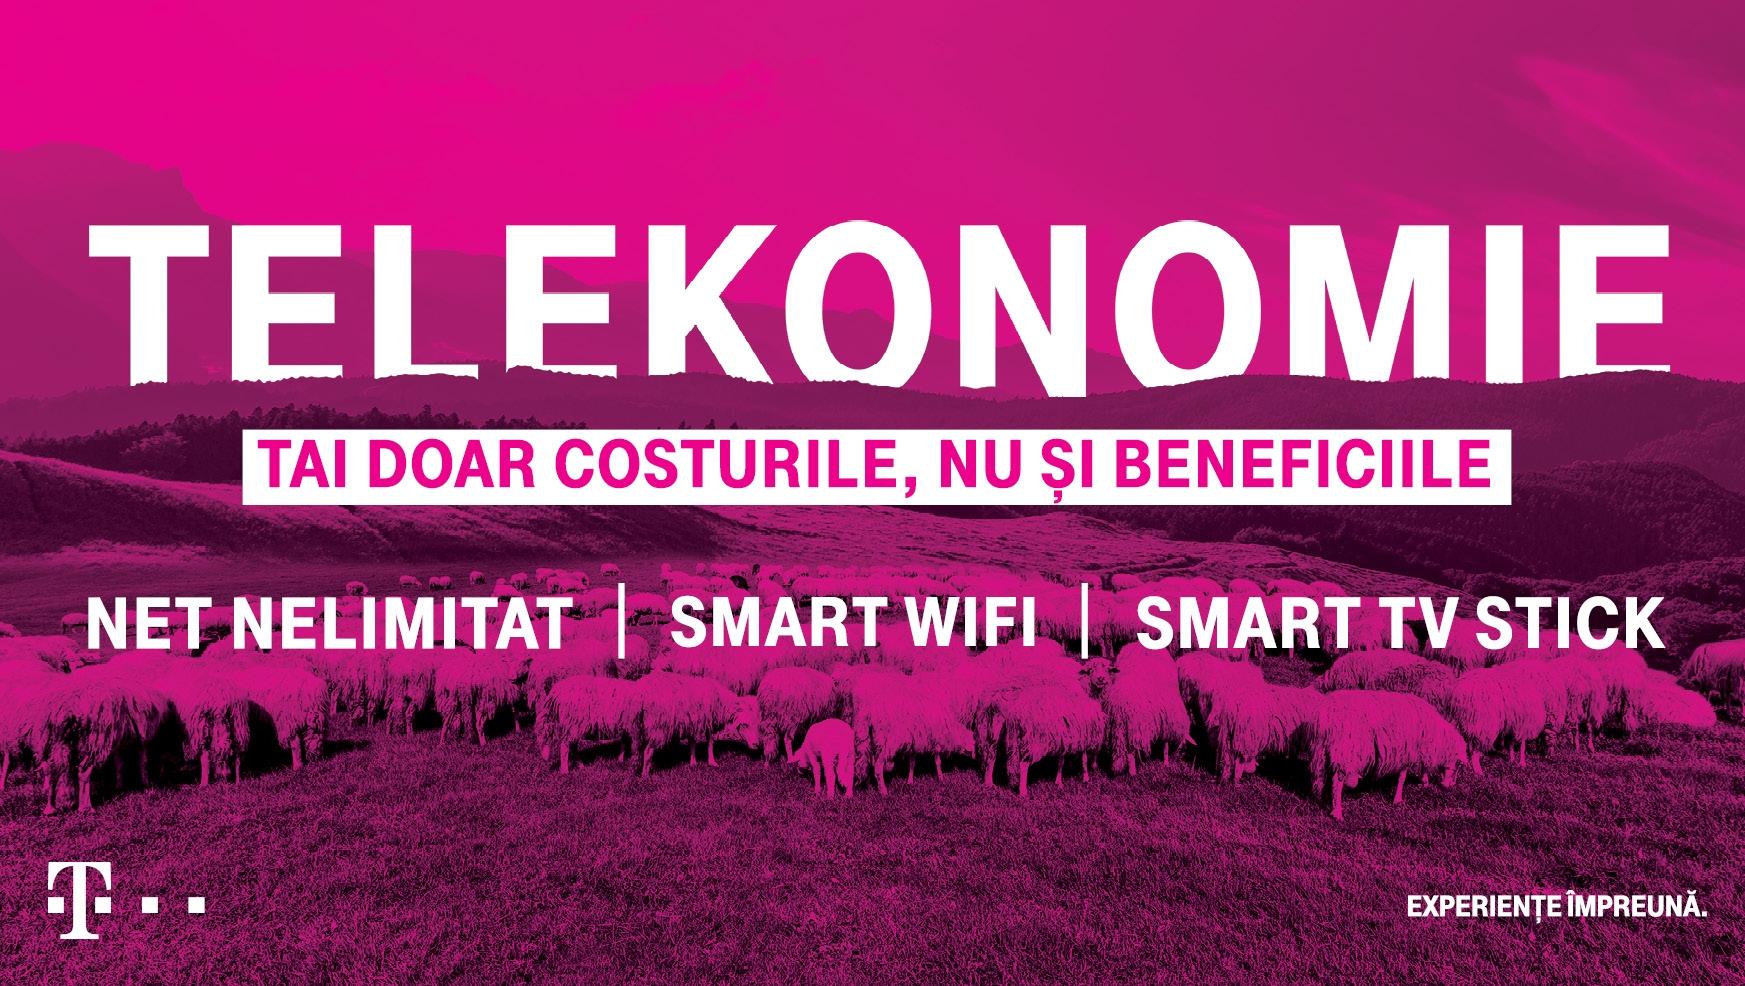 Telekom taie costurile, nu și beneficiile